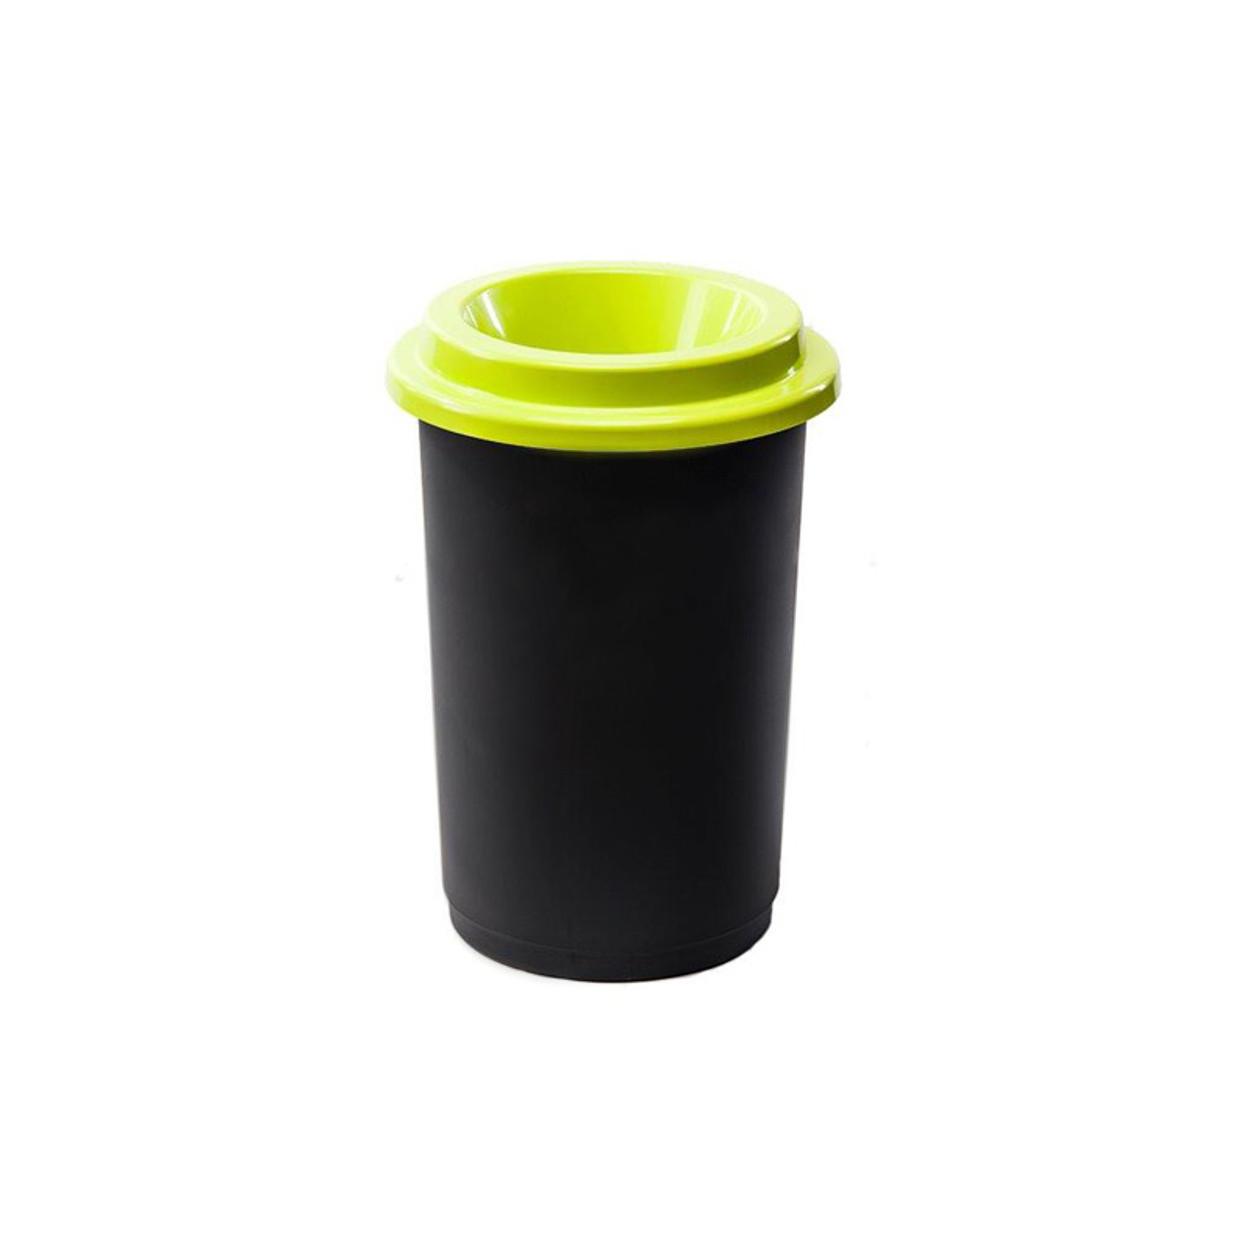 Kulatý plastový koš na tříděný odpad, 50 l, zelená